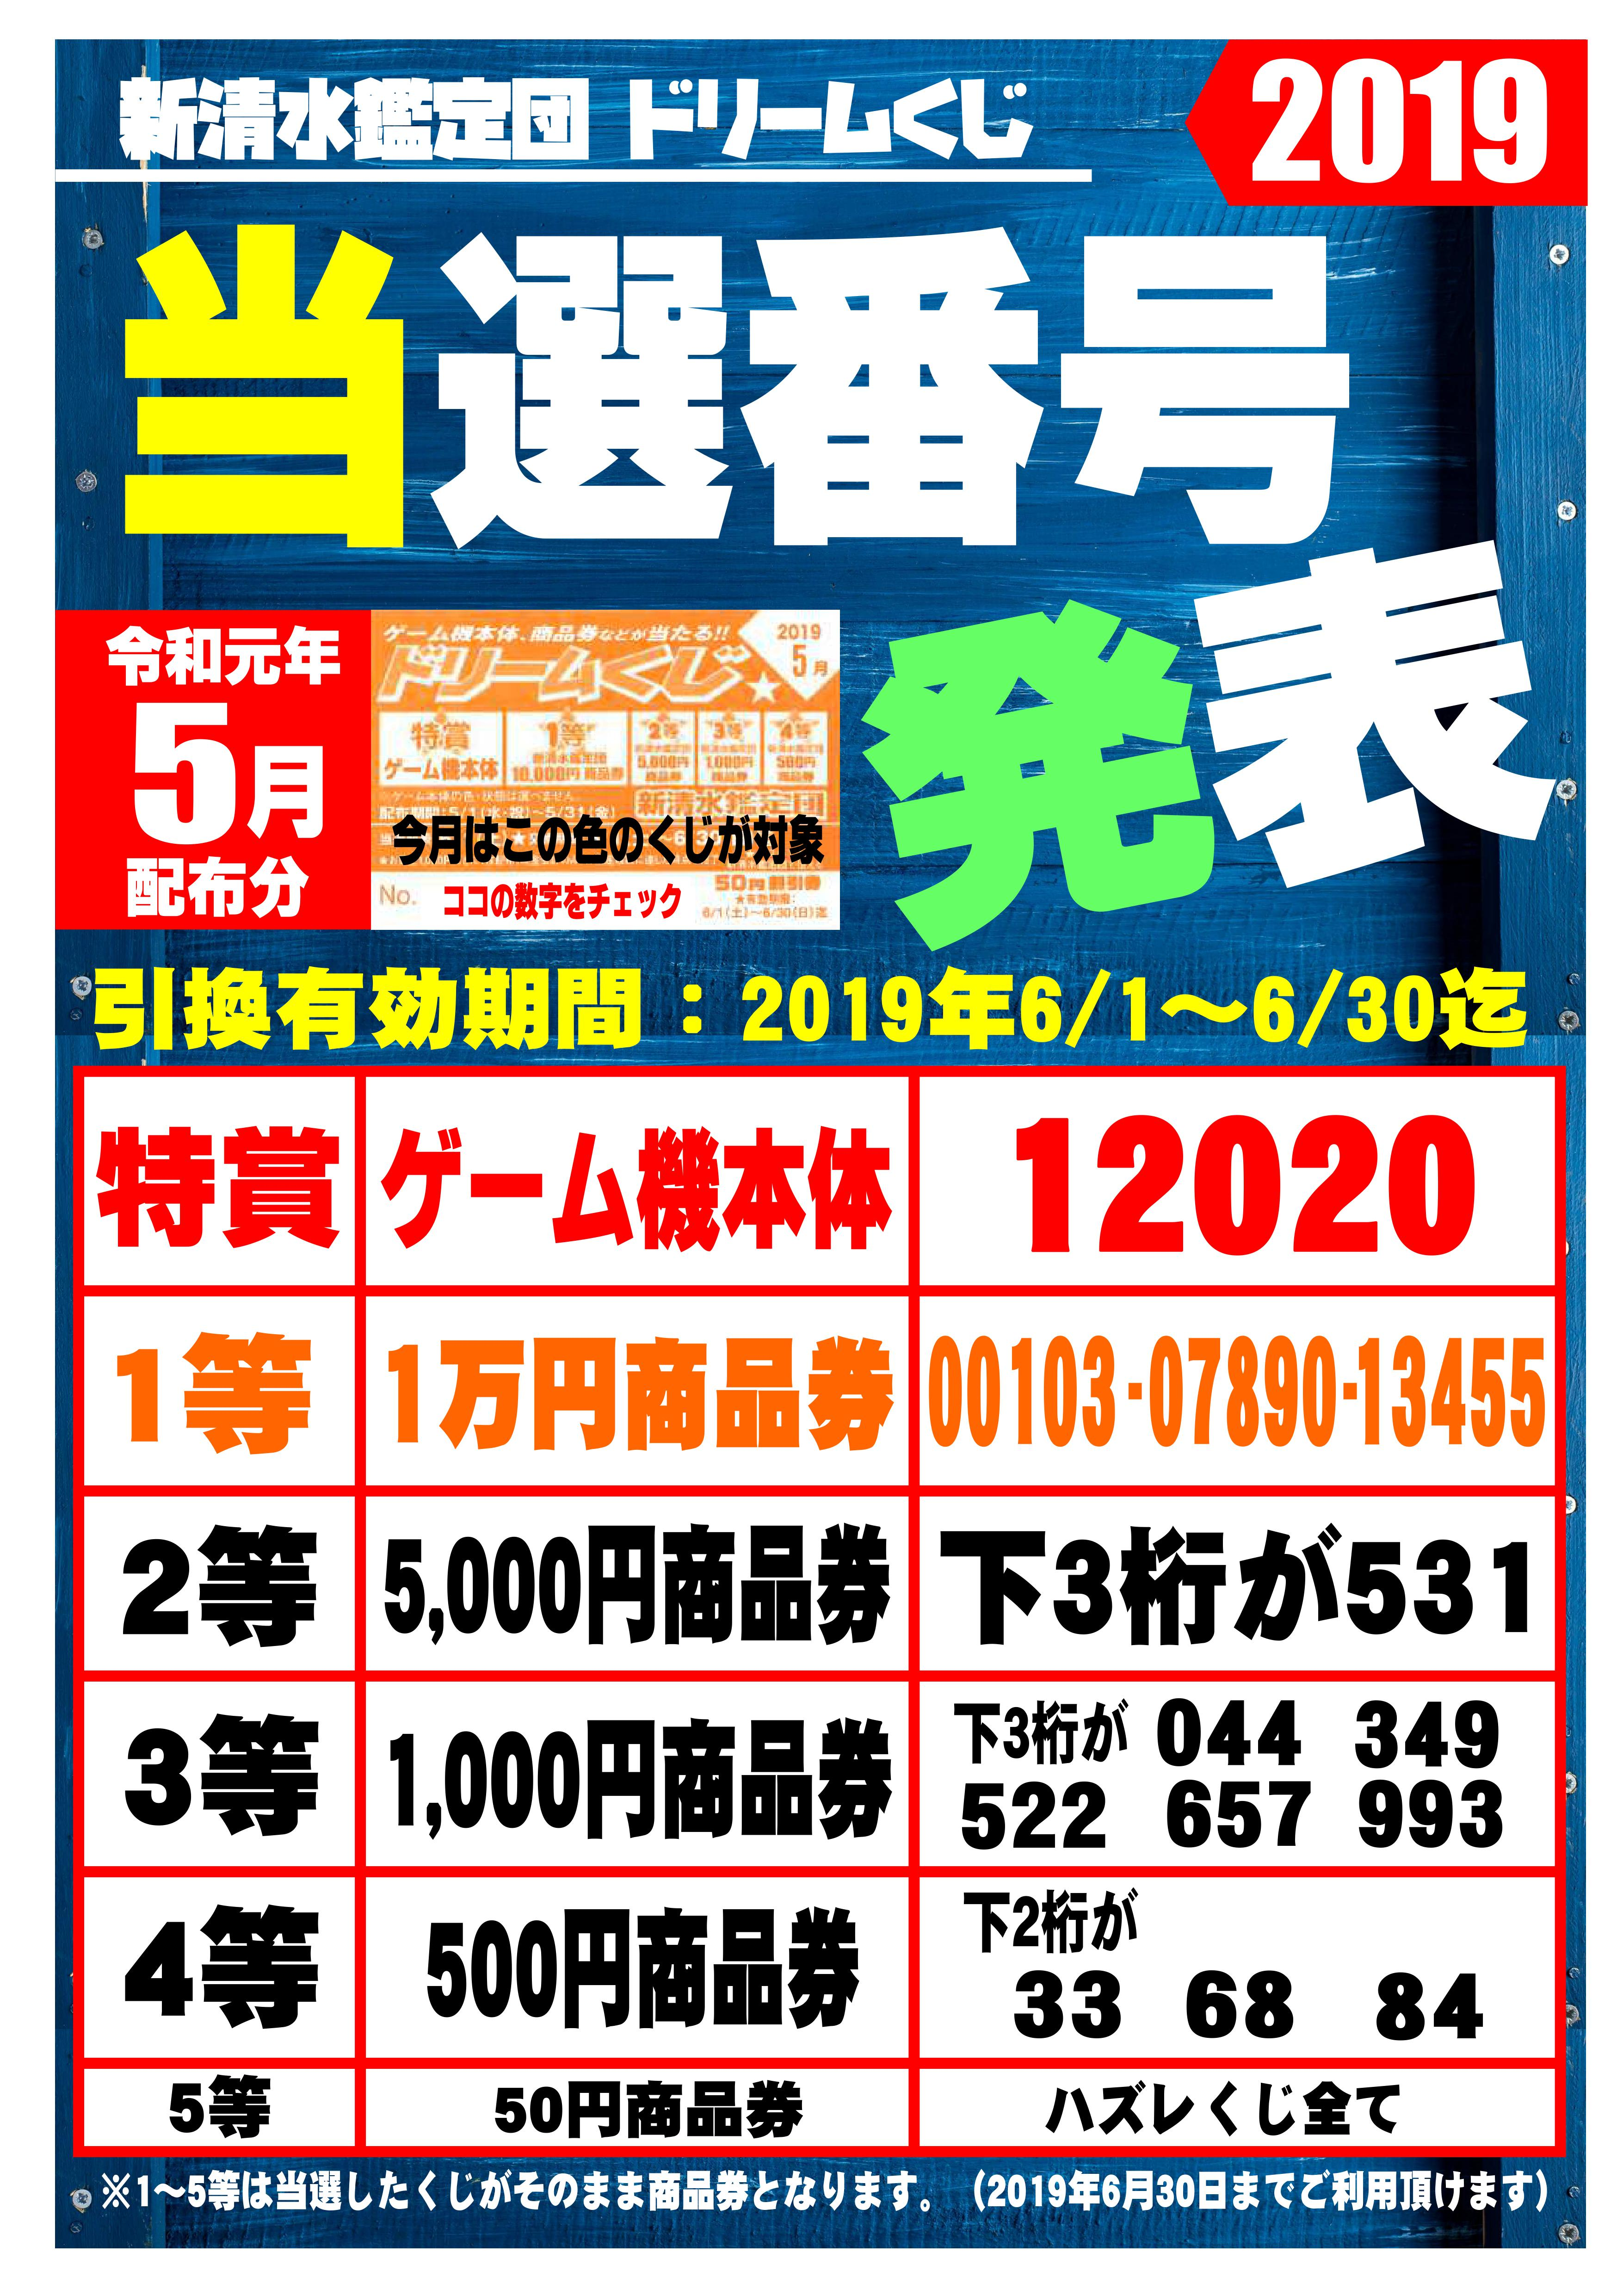 ドリームくじ当選発表(毎月1日@新清水鑑定団)のイメージ